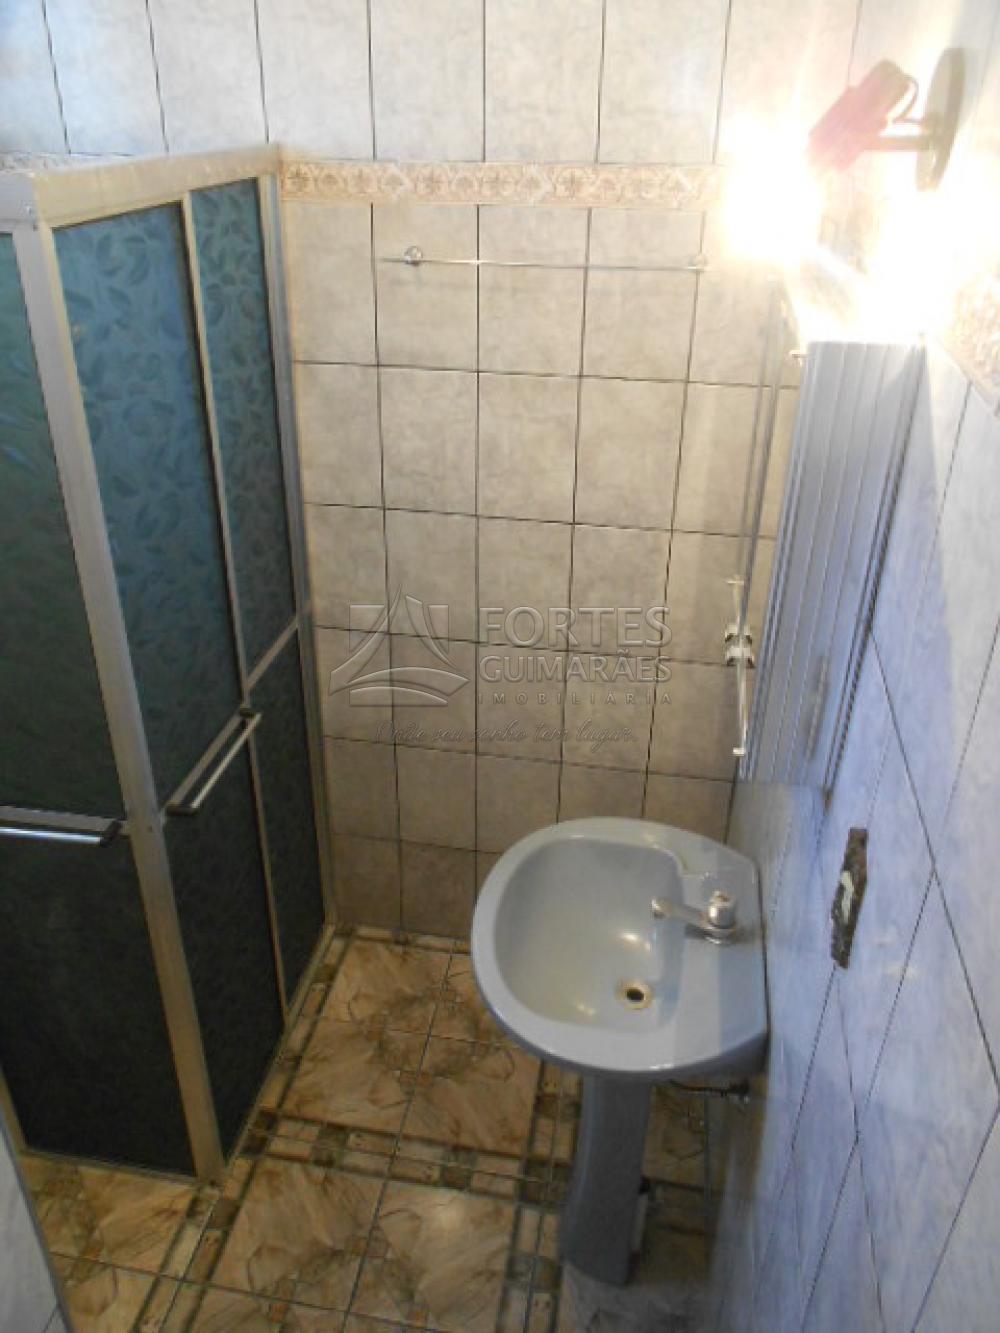 Alugar Casas / Padrão em Ribeirão Preto apenas R$ 950,00 - Foto 20